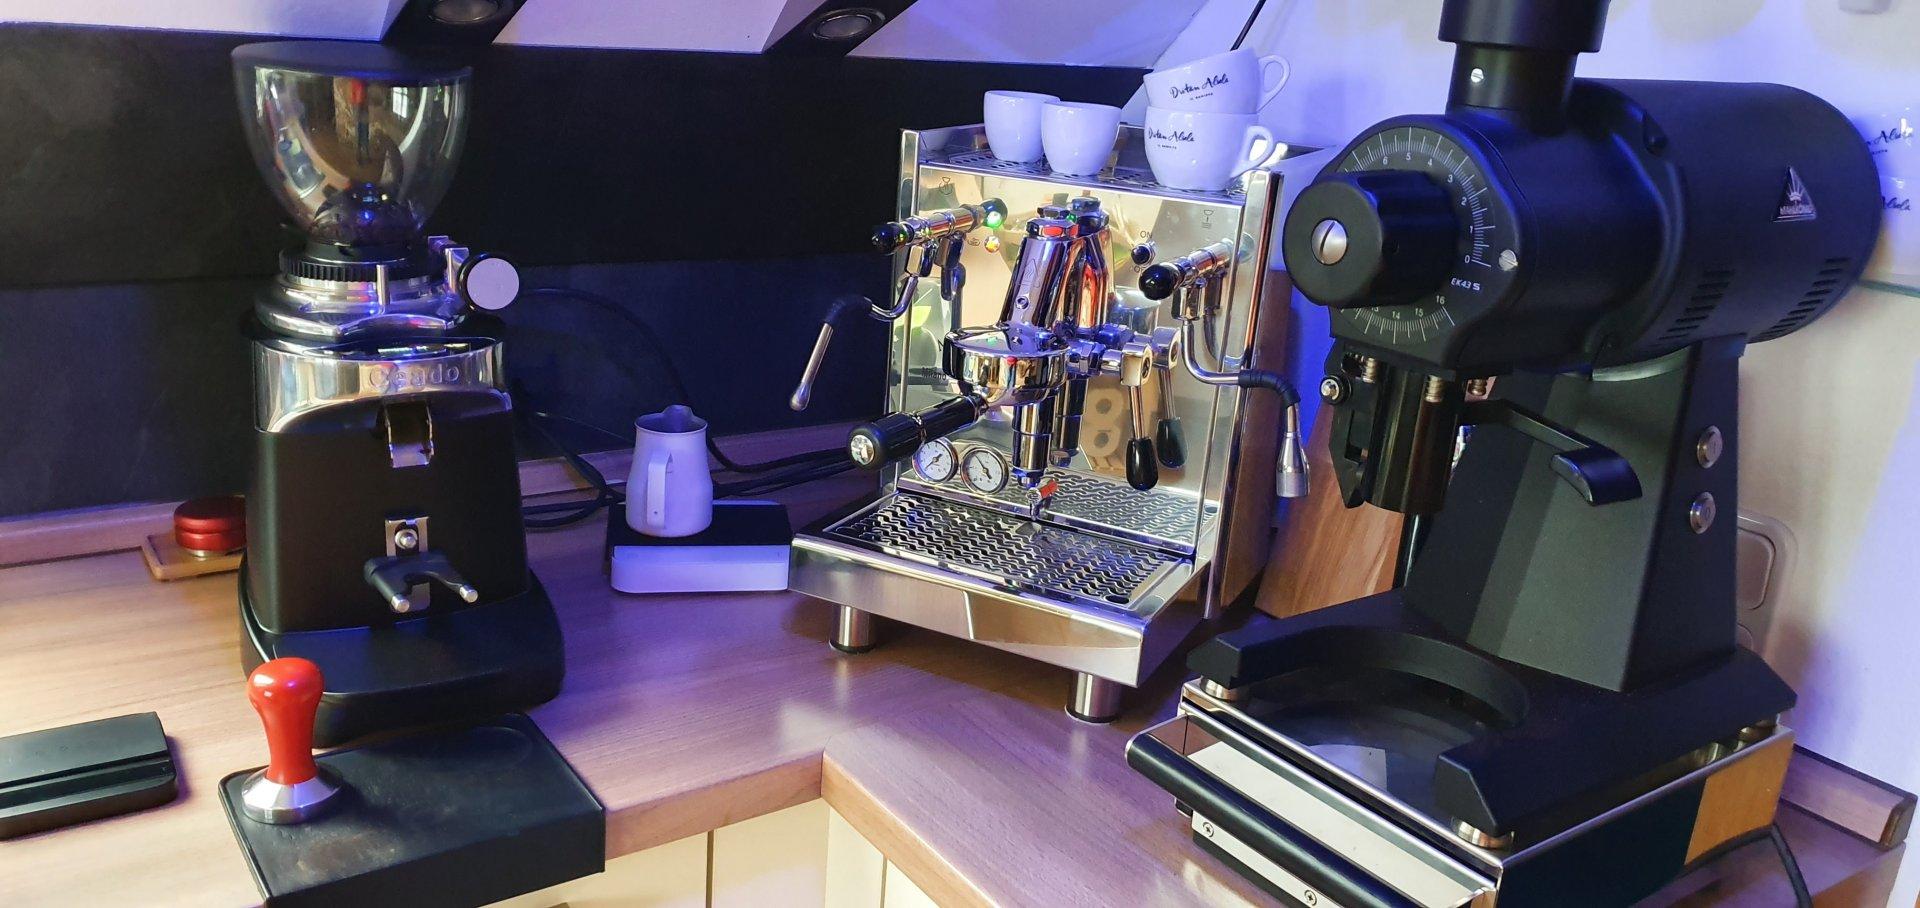 Wie sieht eure Kaffee-Ecke aus?   Seite 677